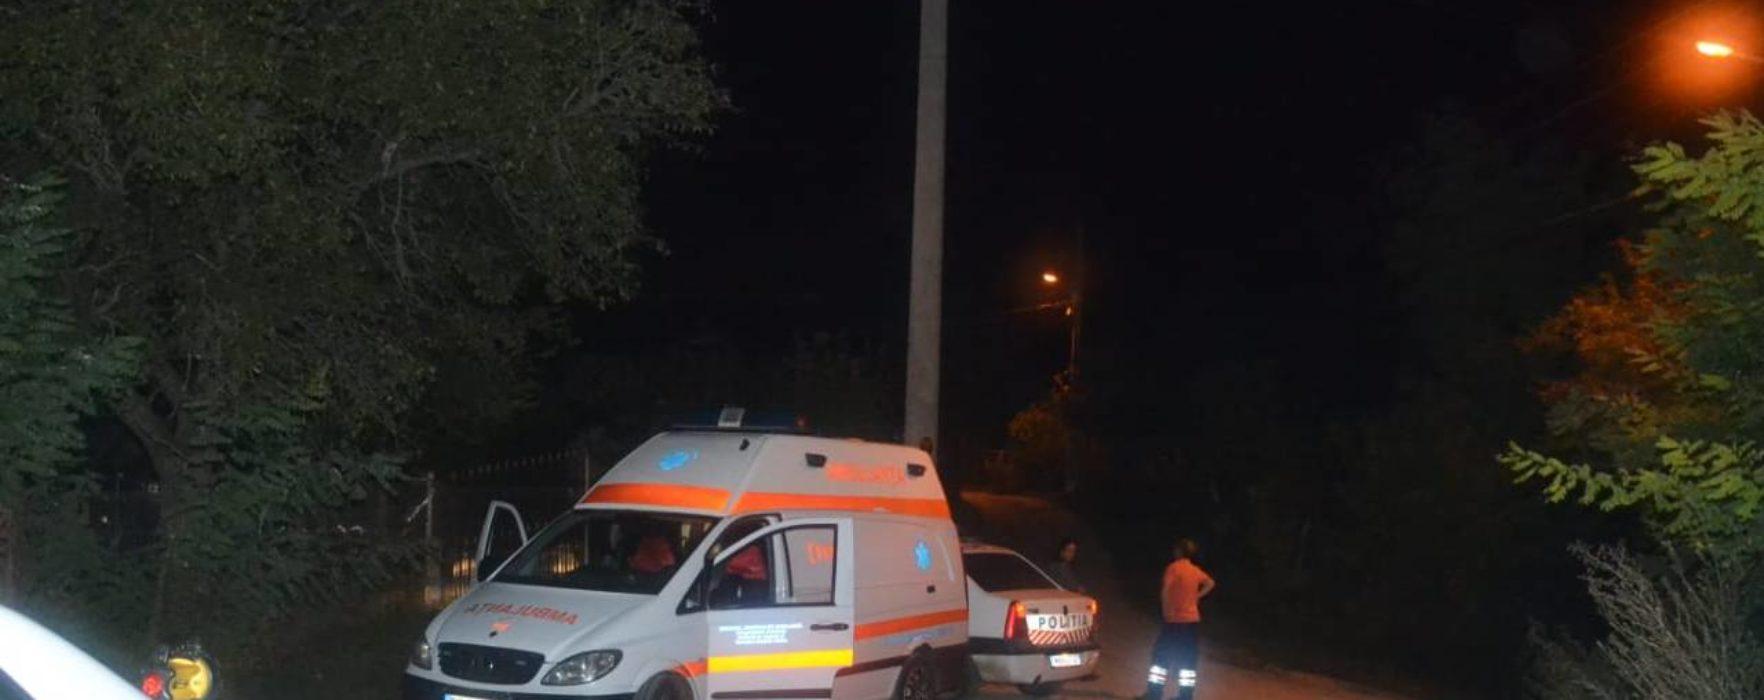 Dâmboviţa: Fată de 14 ani a căzut de pe un stâlp de tensiune şi a murit; Poliţia susţine că se juca acolo la 3 noaptea